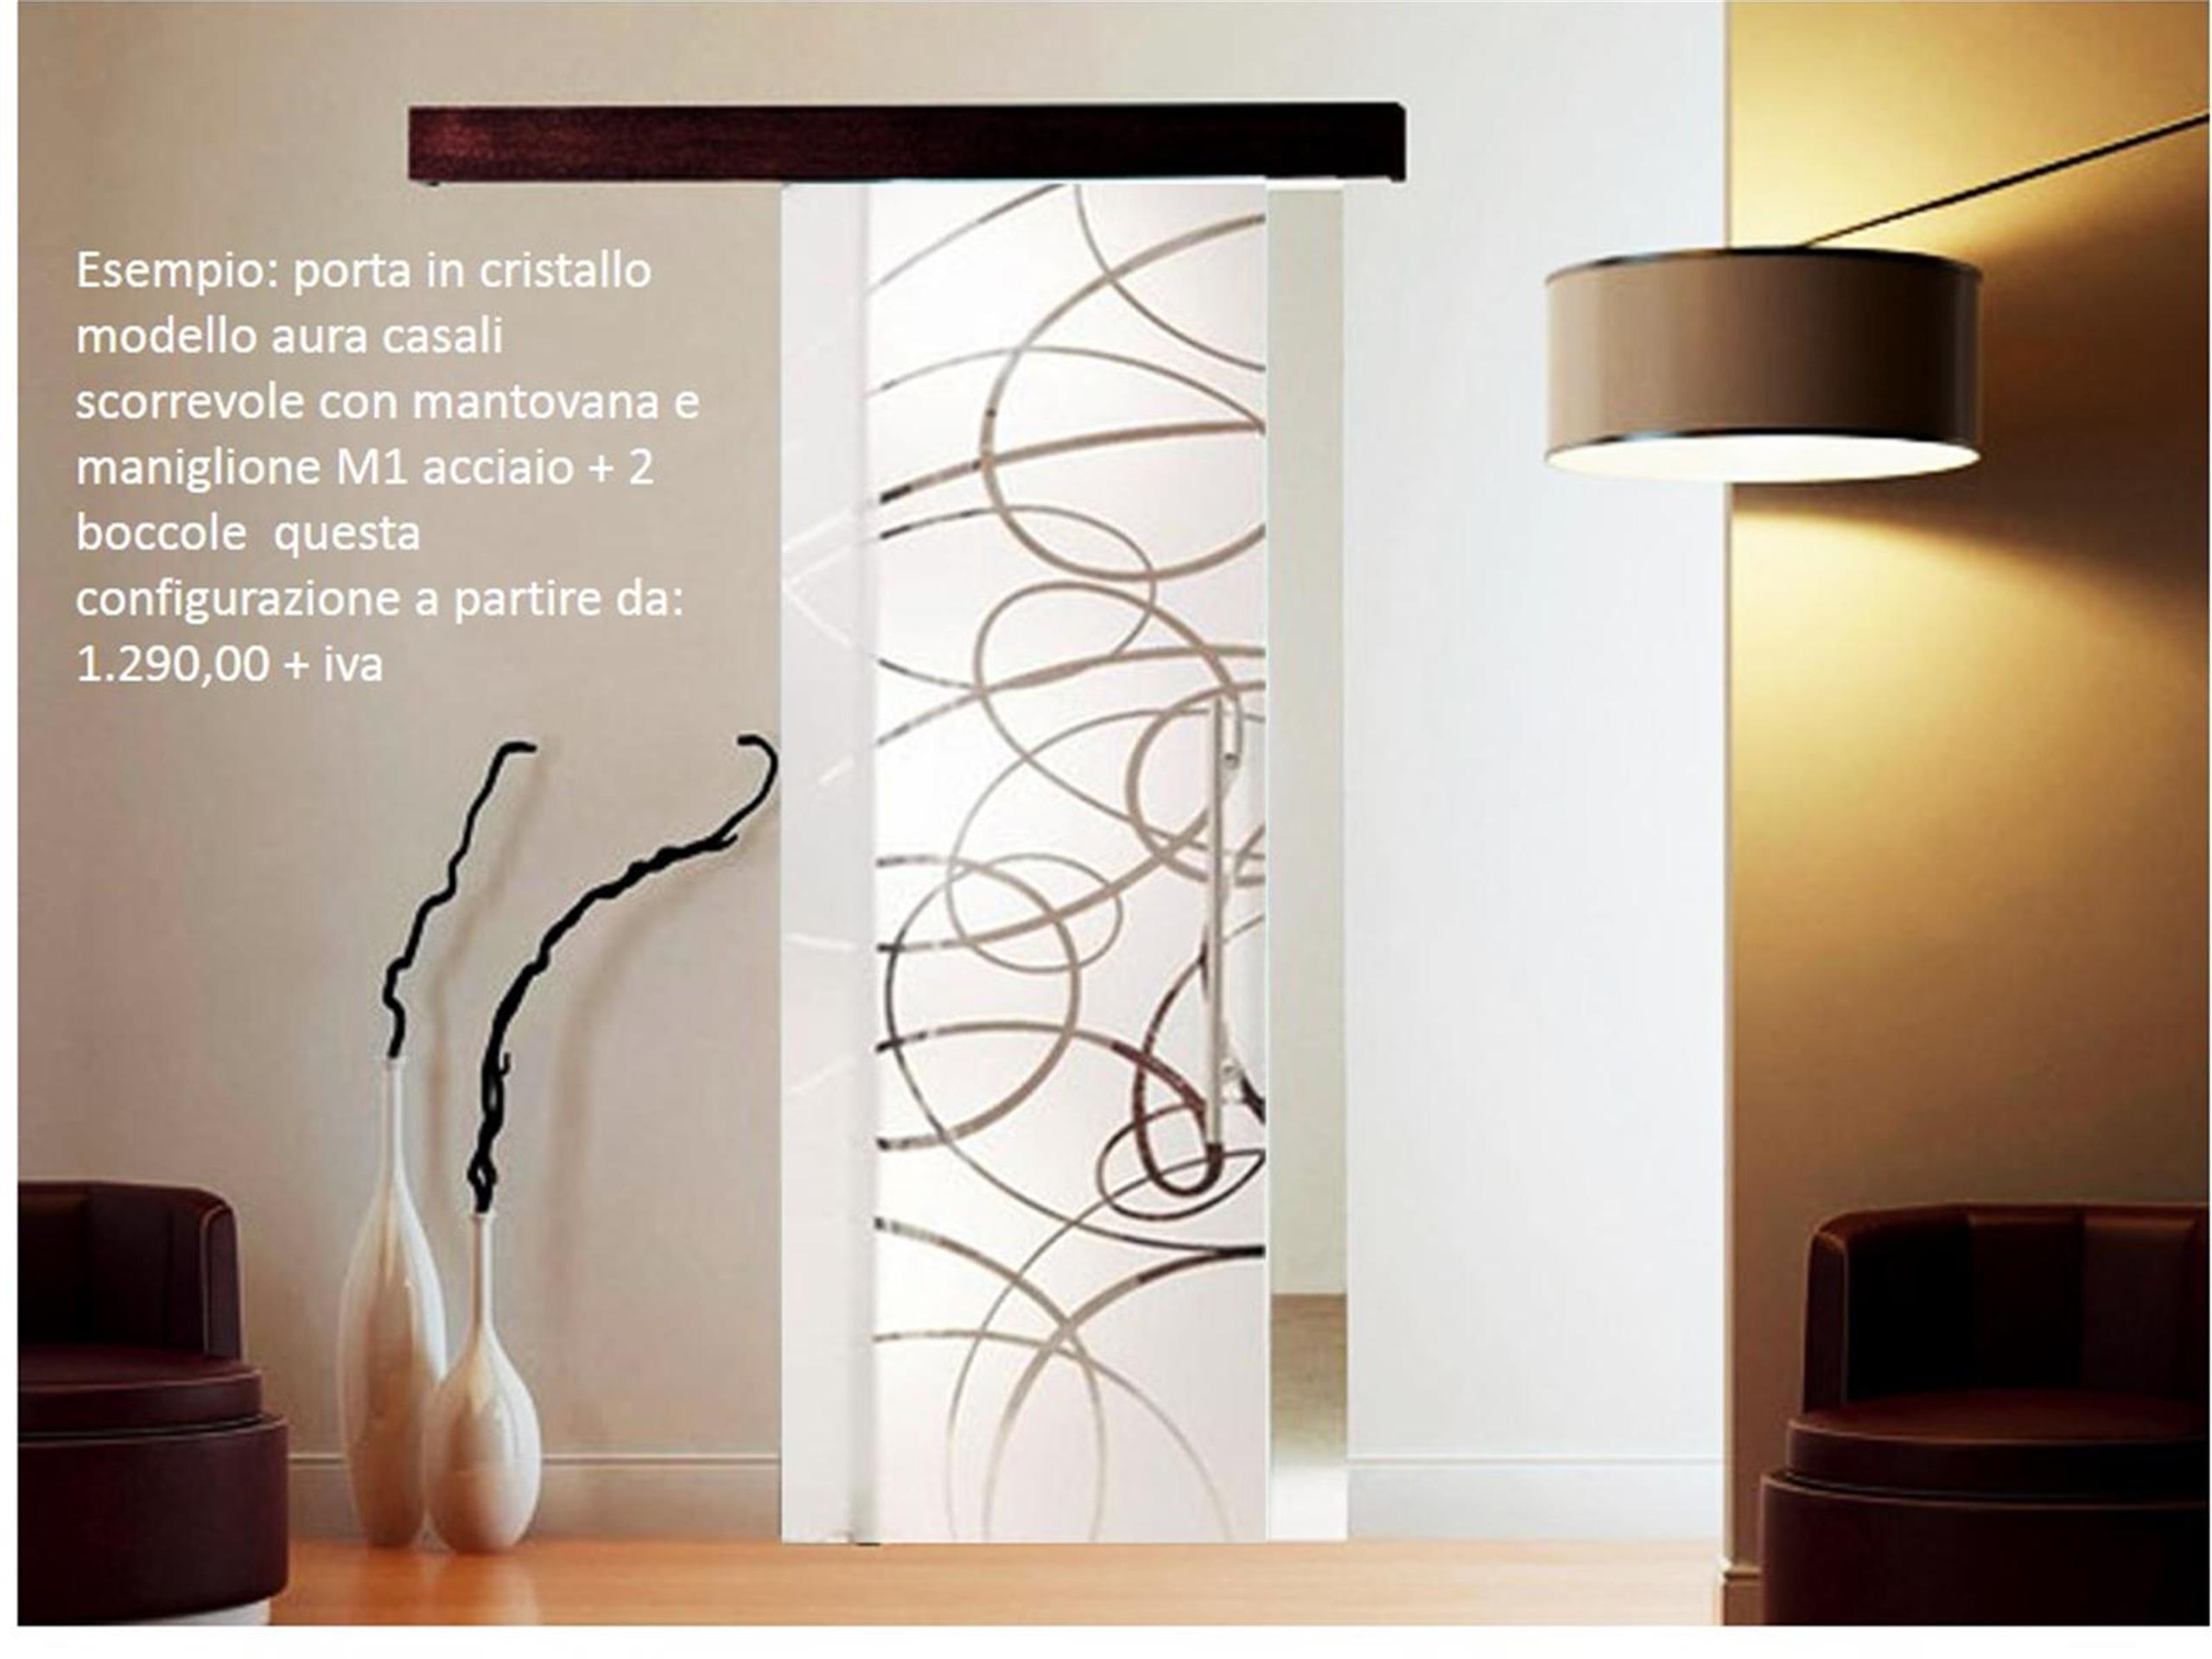 Prezzi Porte Interne Garofoli, Listino Prezzi Porte Interne within Porte Moderne Bianche